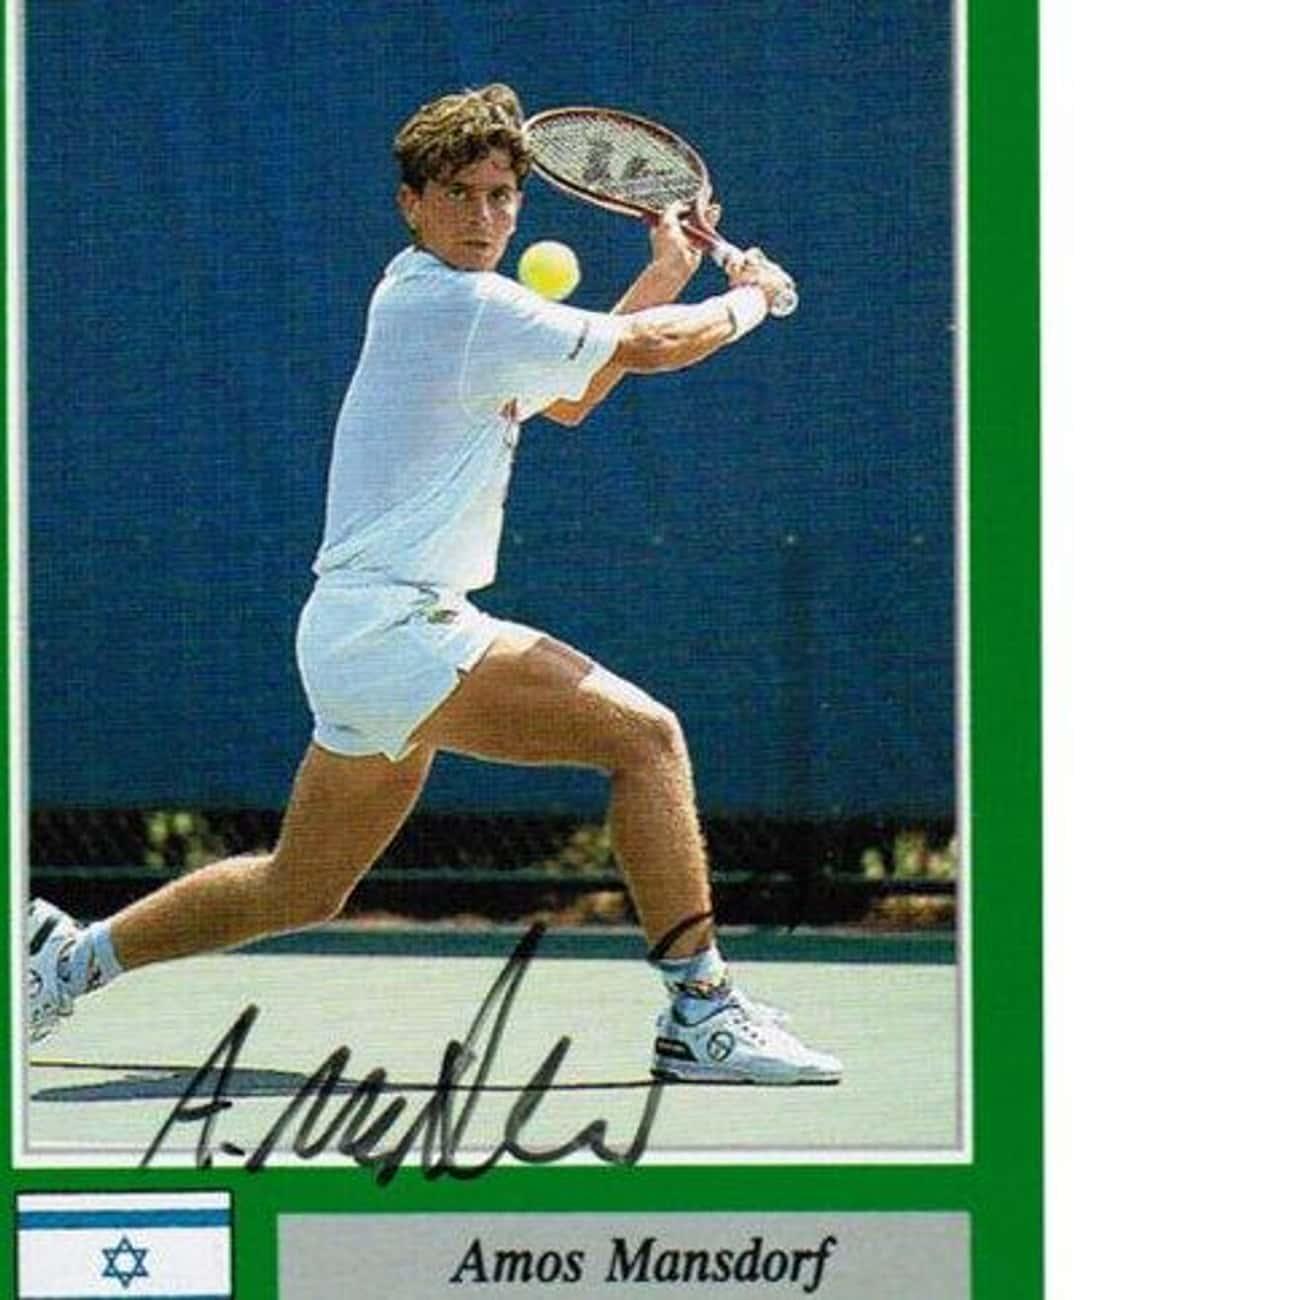 Amos Mansdorf